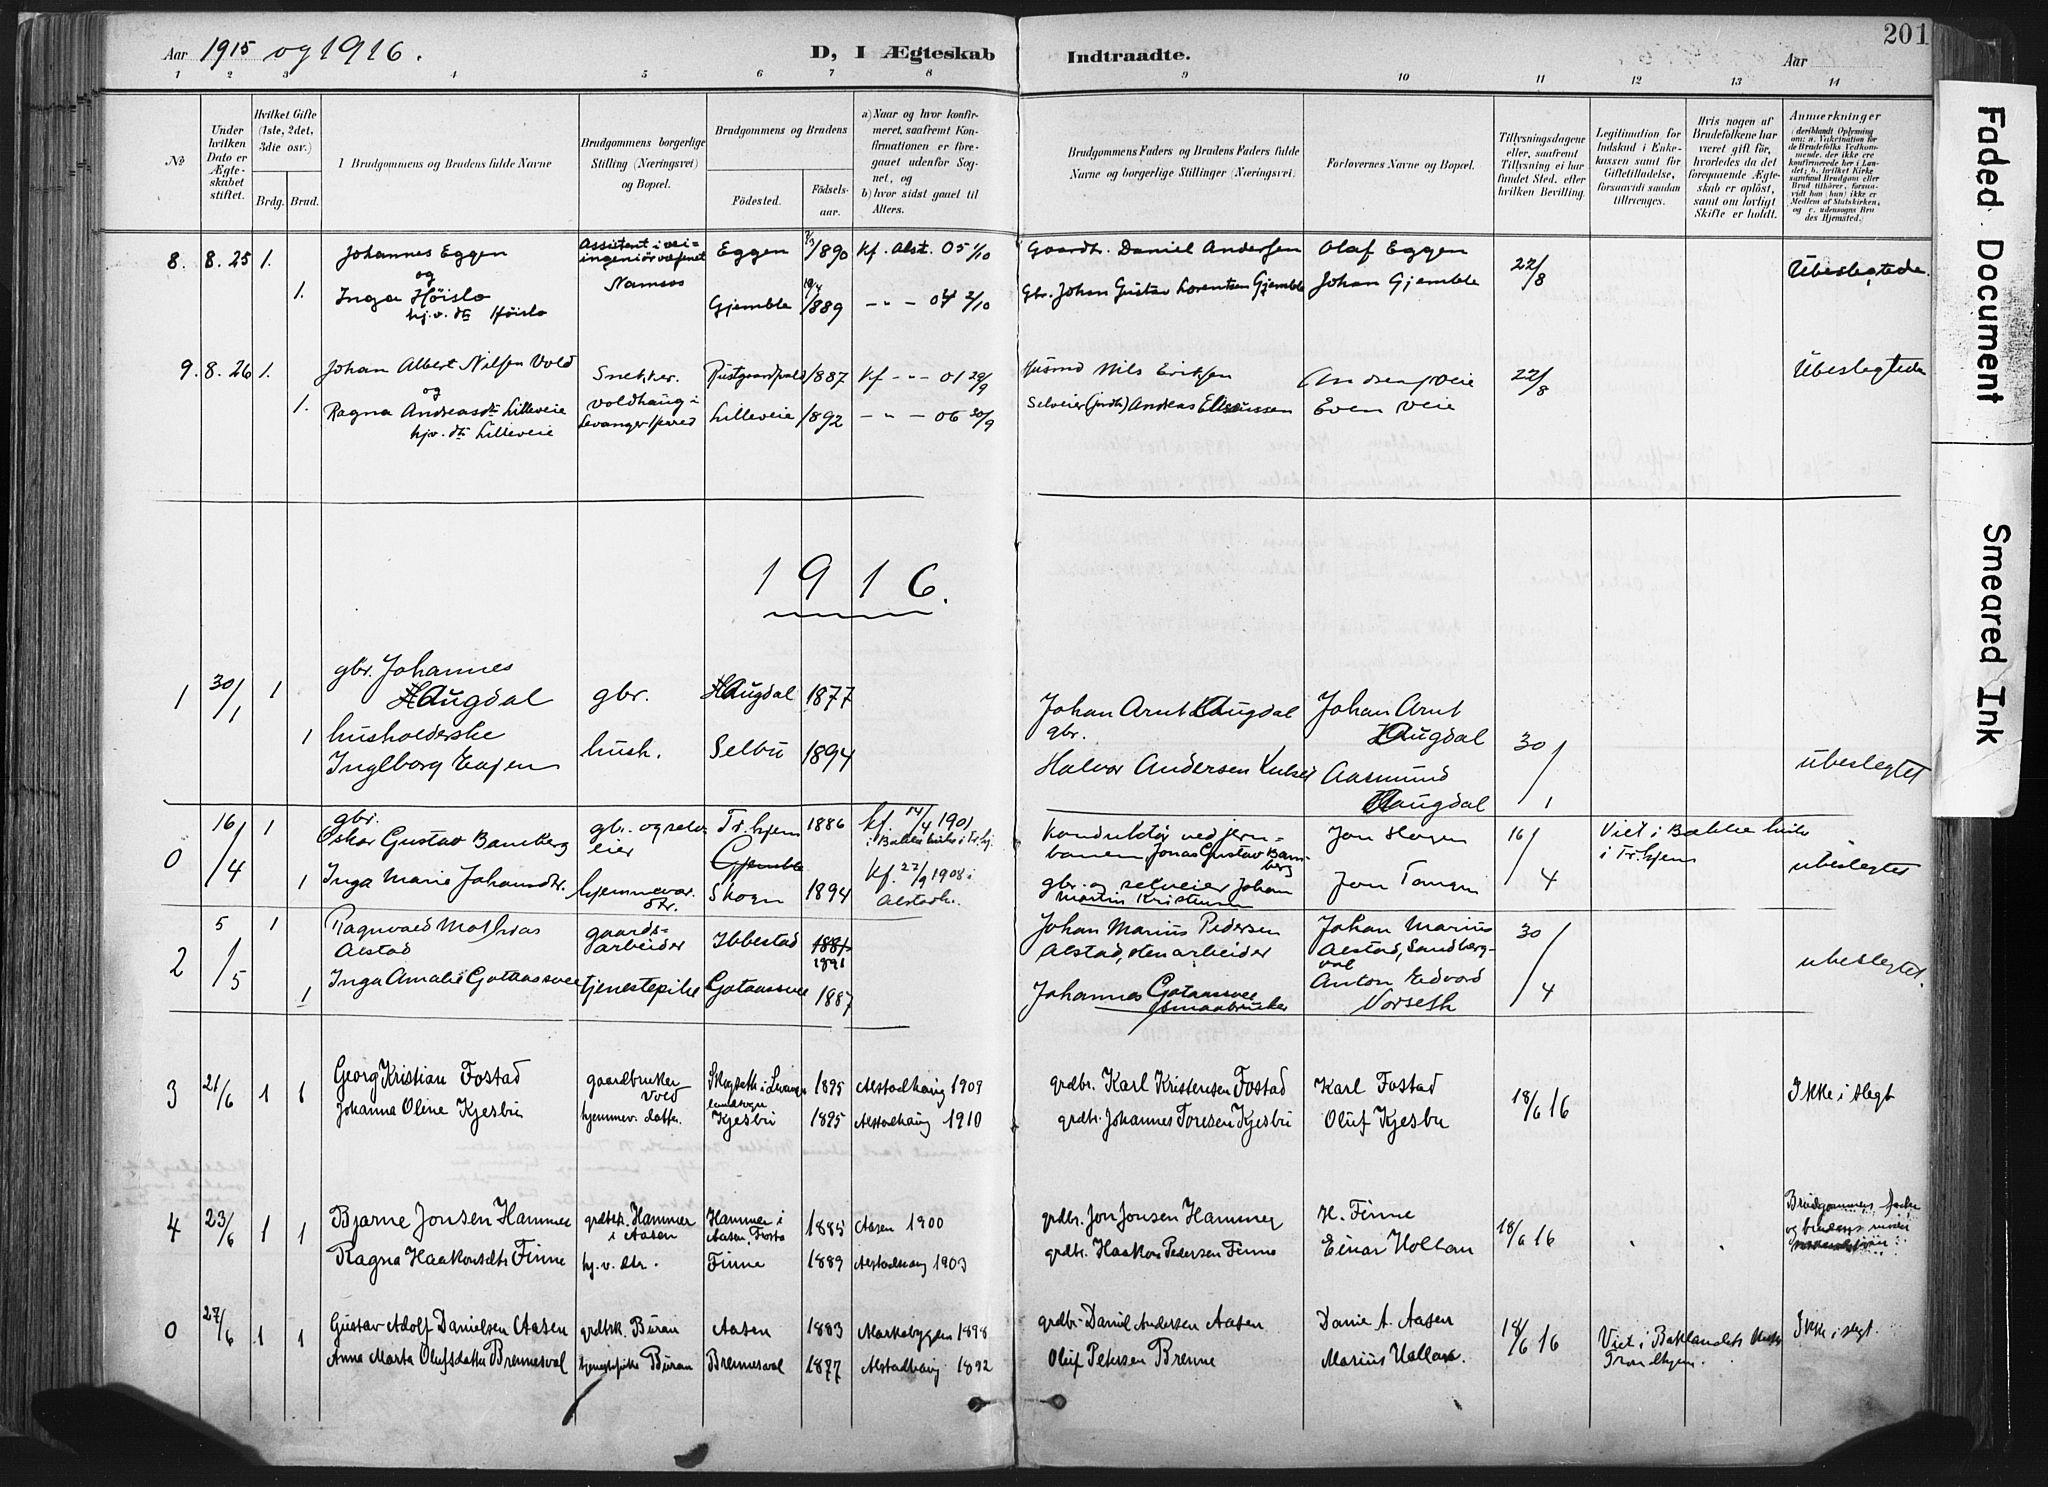 SAT, Ministerialprotokoller, klokkerbøker og fødselsregistre - Nord-Trøndelag, 717/L0162: Ministerialbok nr. 717A12, 1898-1923, s. 201